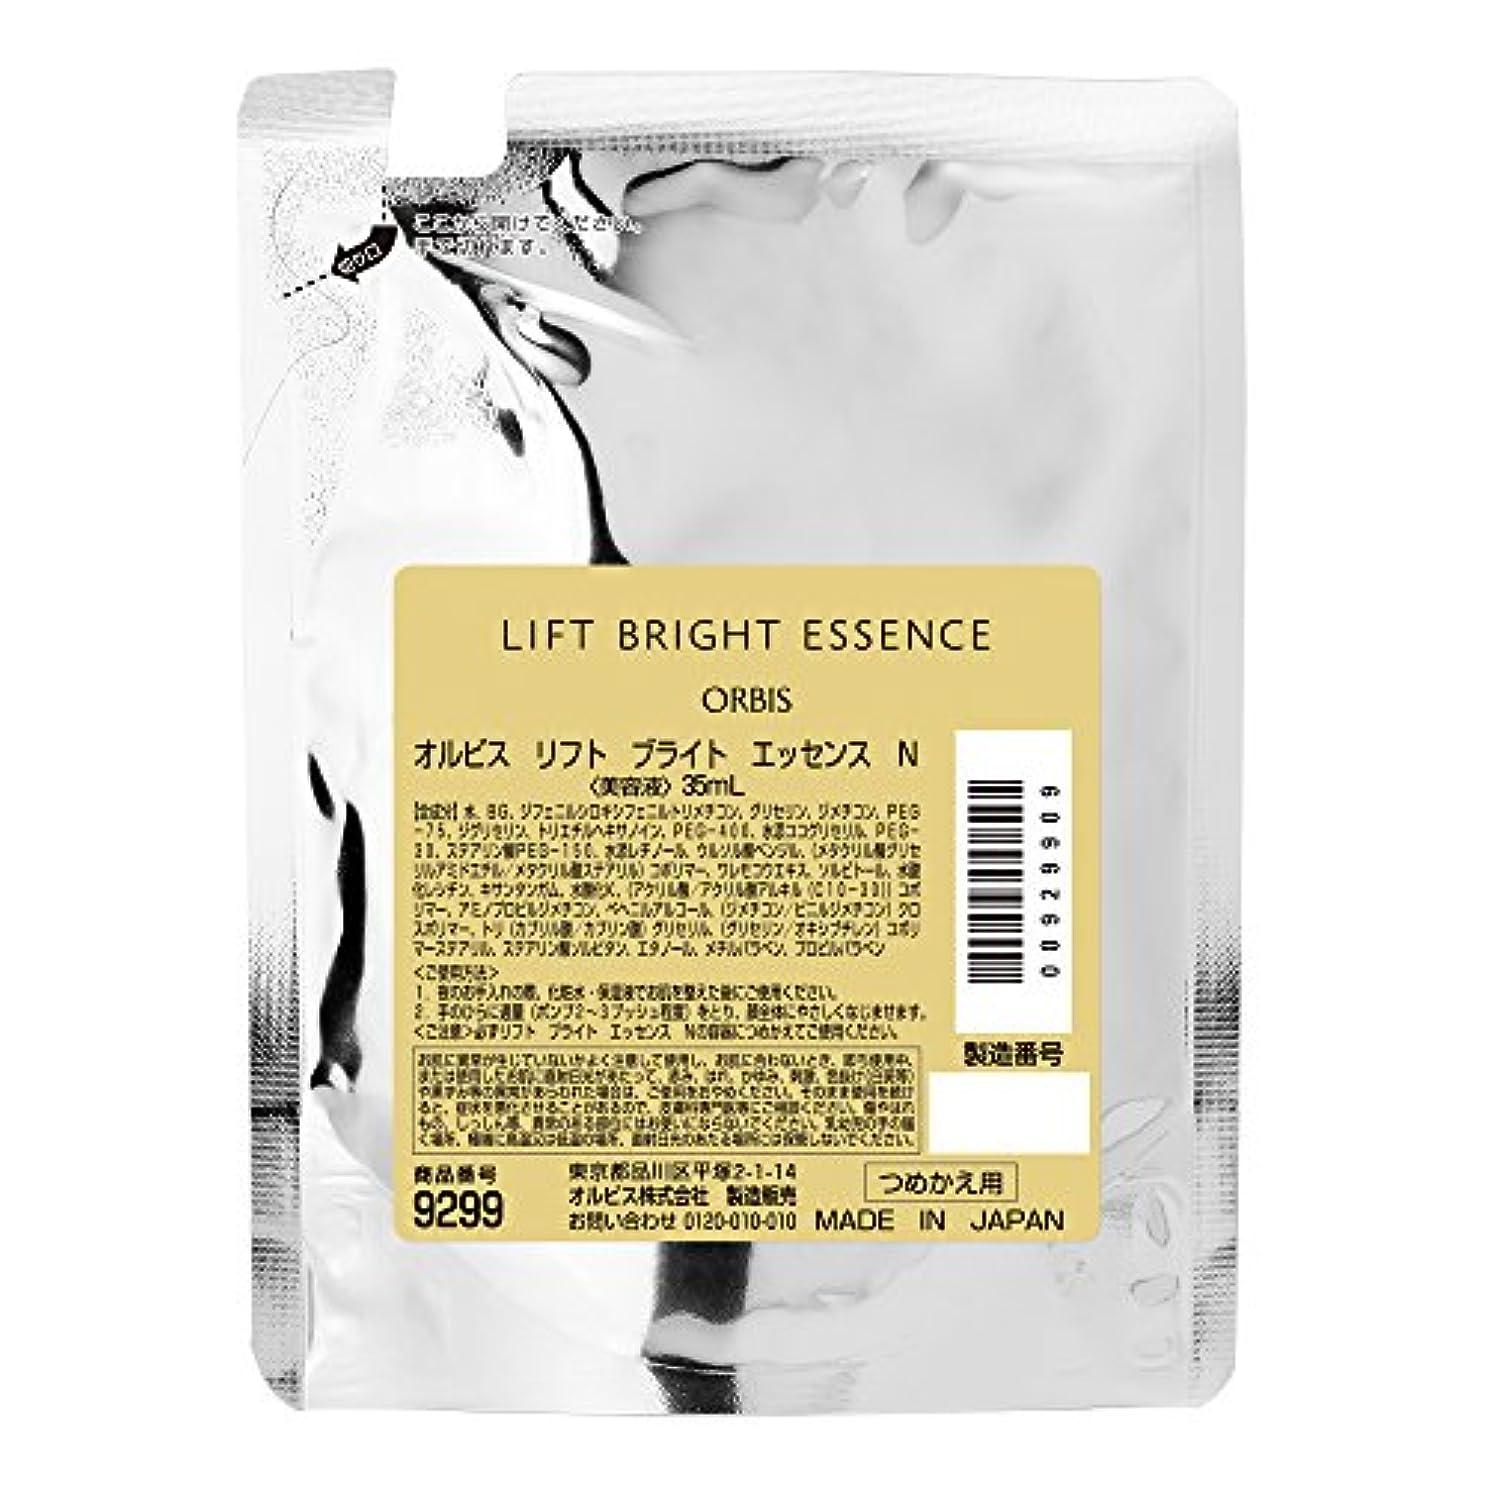 パノラマ広いアーサーコナンドイルオルビス(ORBIS) リフトブライトエッセンス 詰替 35mL ◎ハリ実感美容液◎